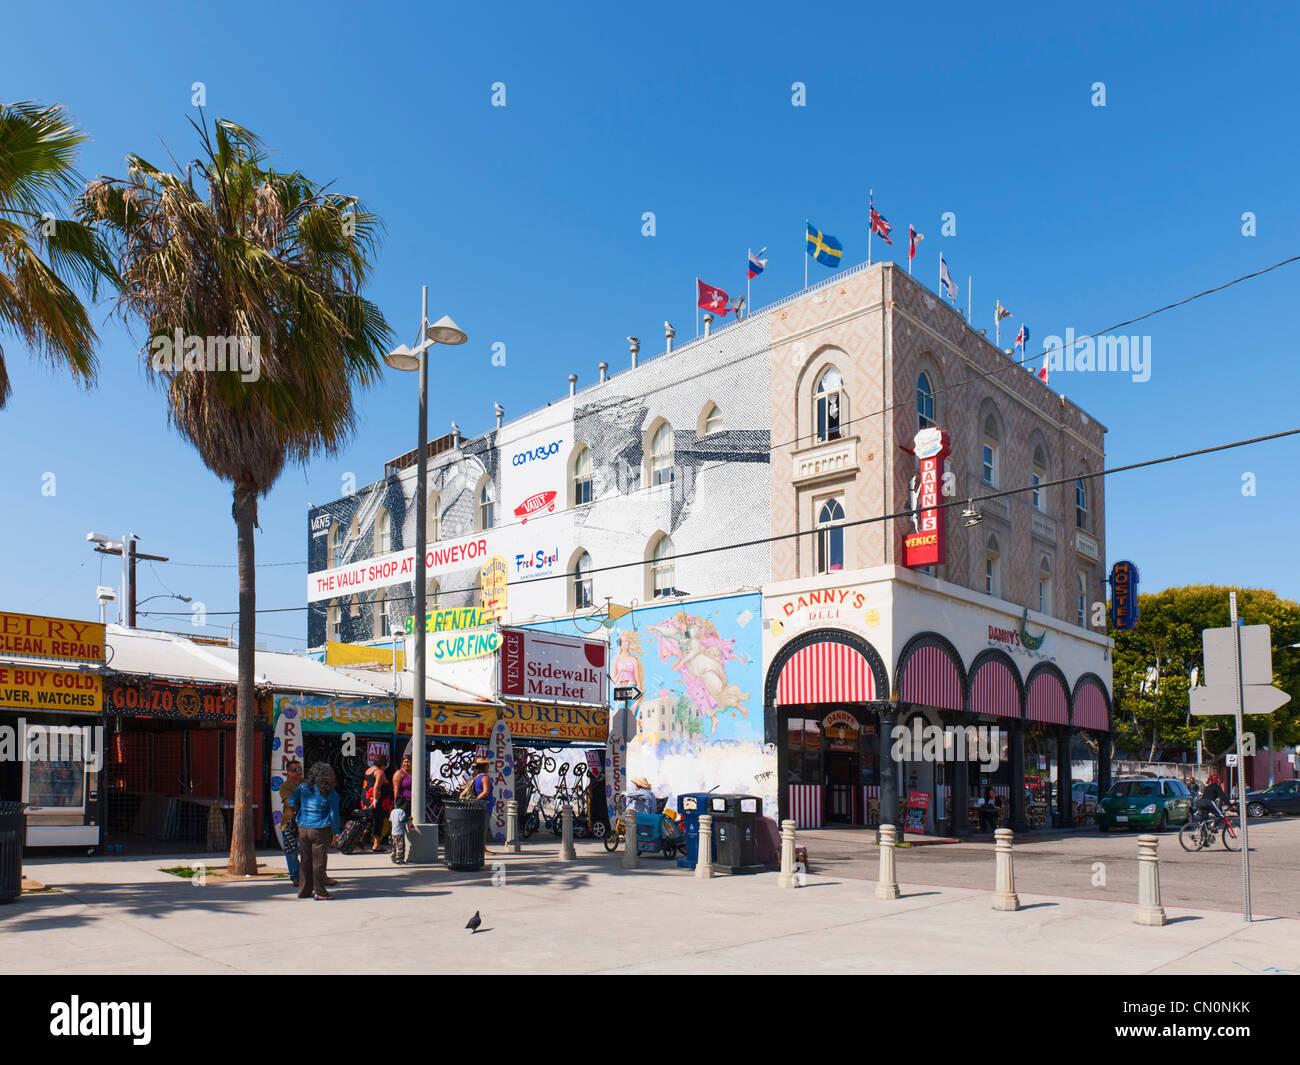 Danny's Deli, Venice Beach, Los Angeles - Stock Image